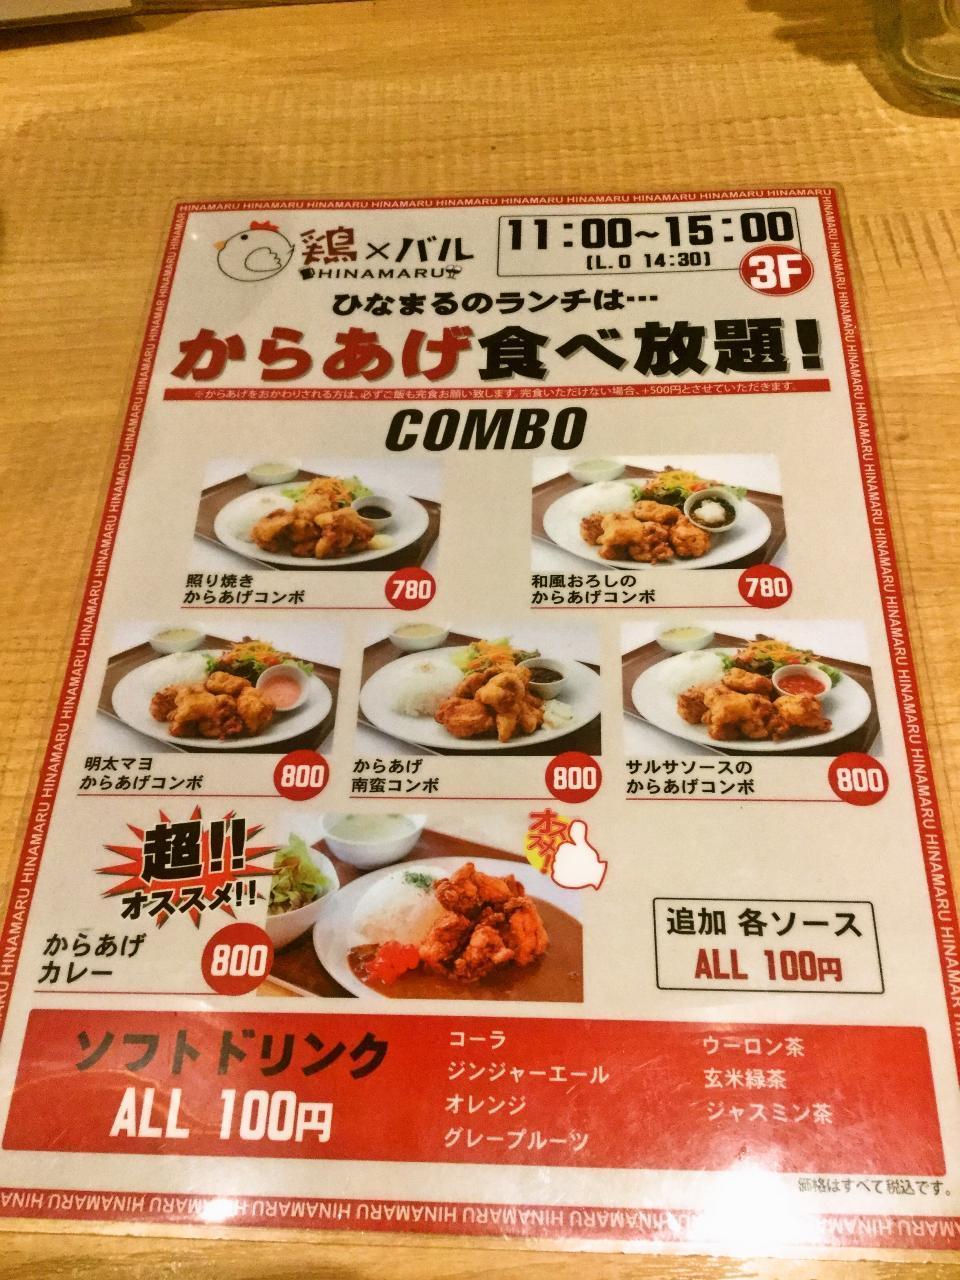 鶏バルHINAMARU(ランチメニュー)